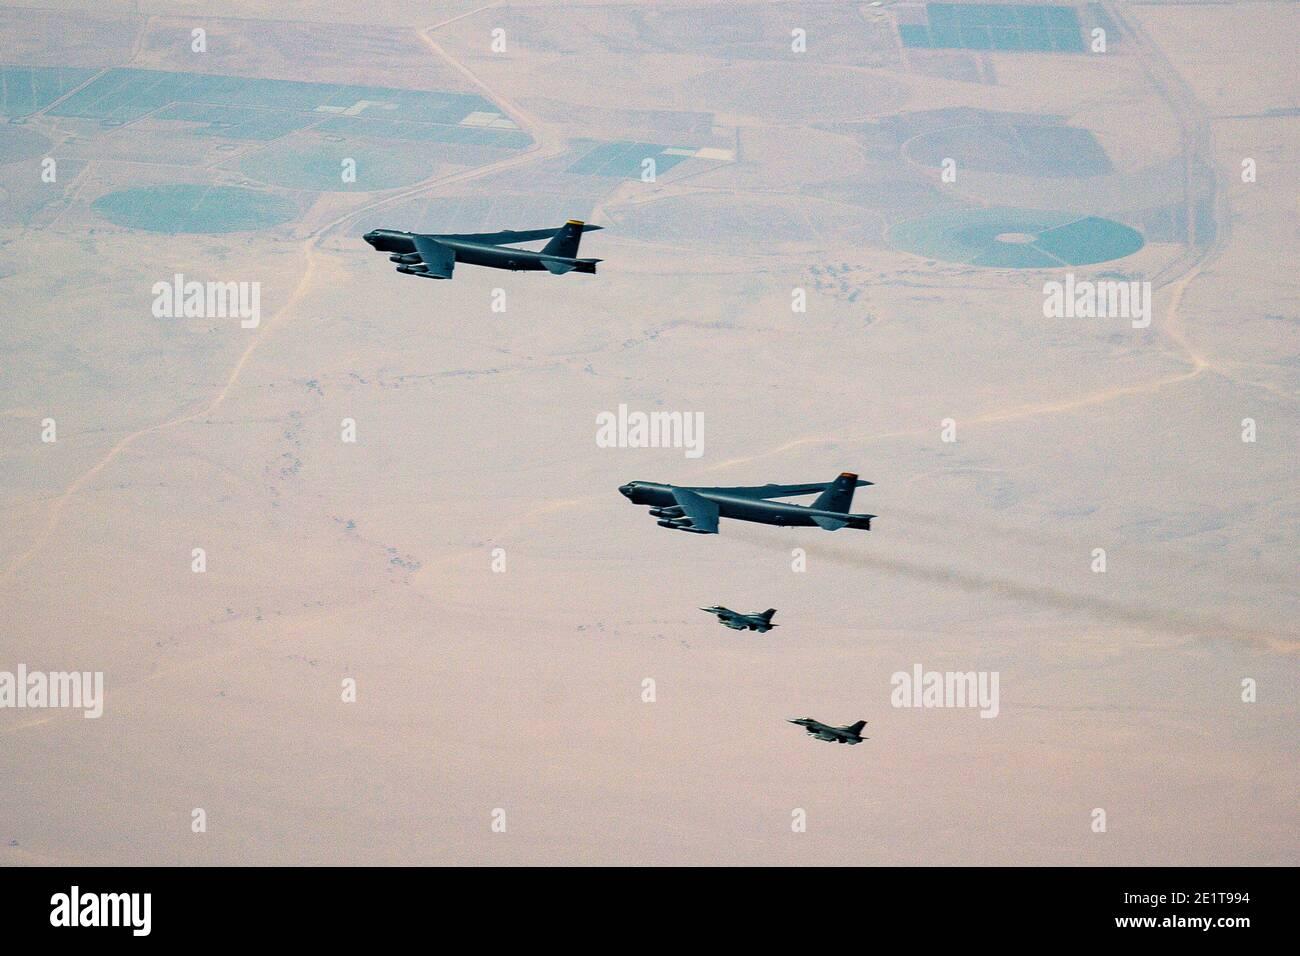 Arabie Saoudite, Arabie Saoudite. 09e janvier 2021. Les bombardiers stratégiques B-52 de la US Air Force sont escortés par les F-16 de la US Air Force qui combattent les avions de combat Falcon alors qu'ils survolent l'espace aérien saoudien le 7 janvier 2021 en Arabie Saoudite. Le bombardier et l'escorte sont des missions de démonstration de force en tant que message à l'Iran. Credit: Planetpix/Alamy Live News Banque D'Images